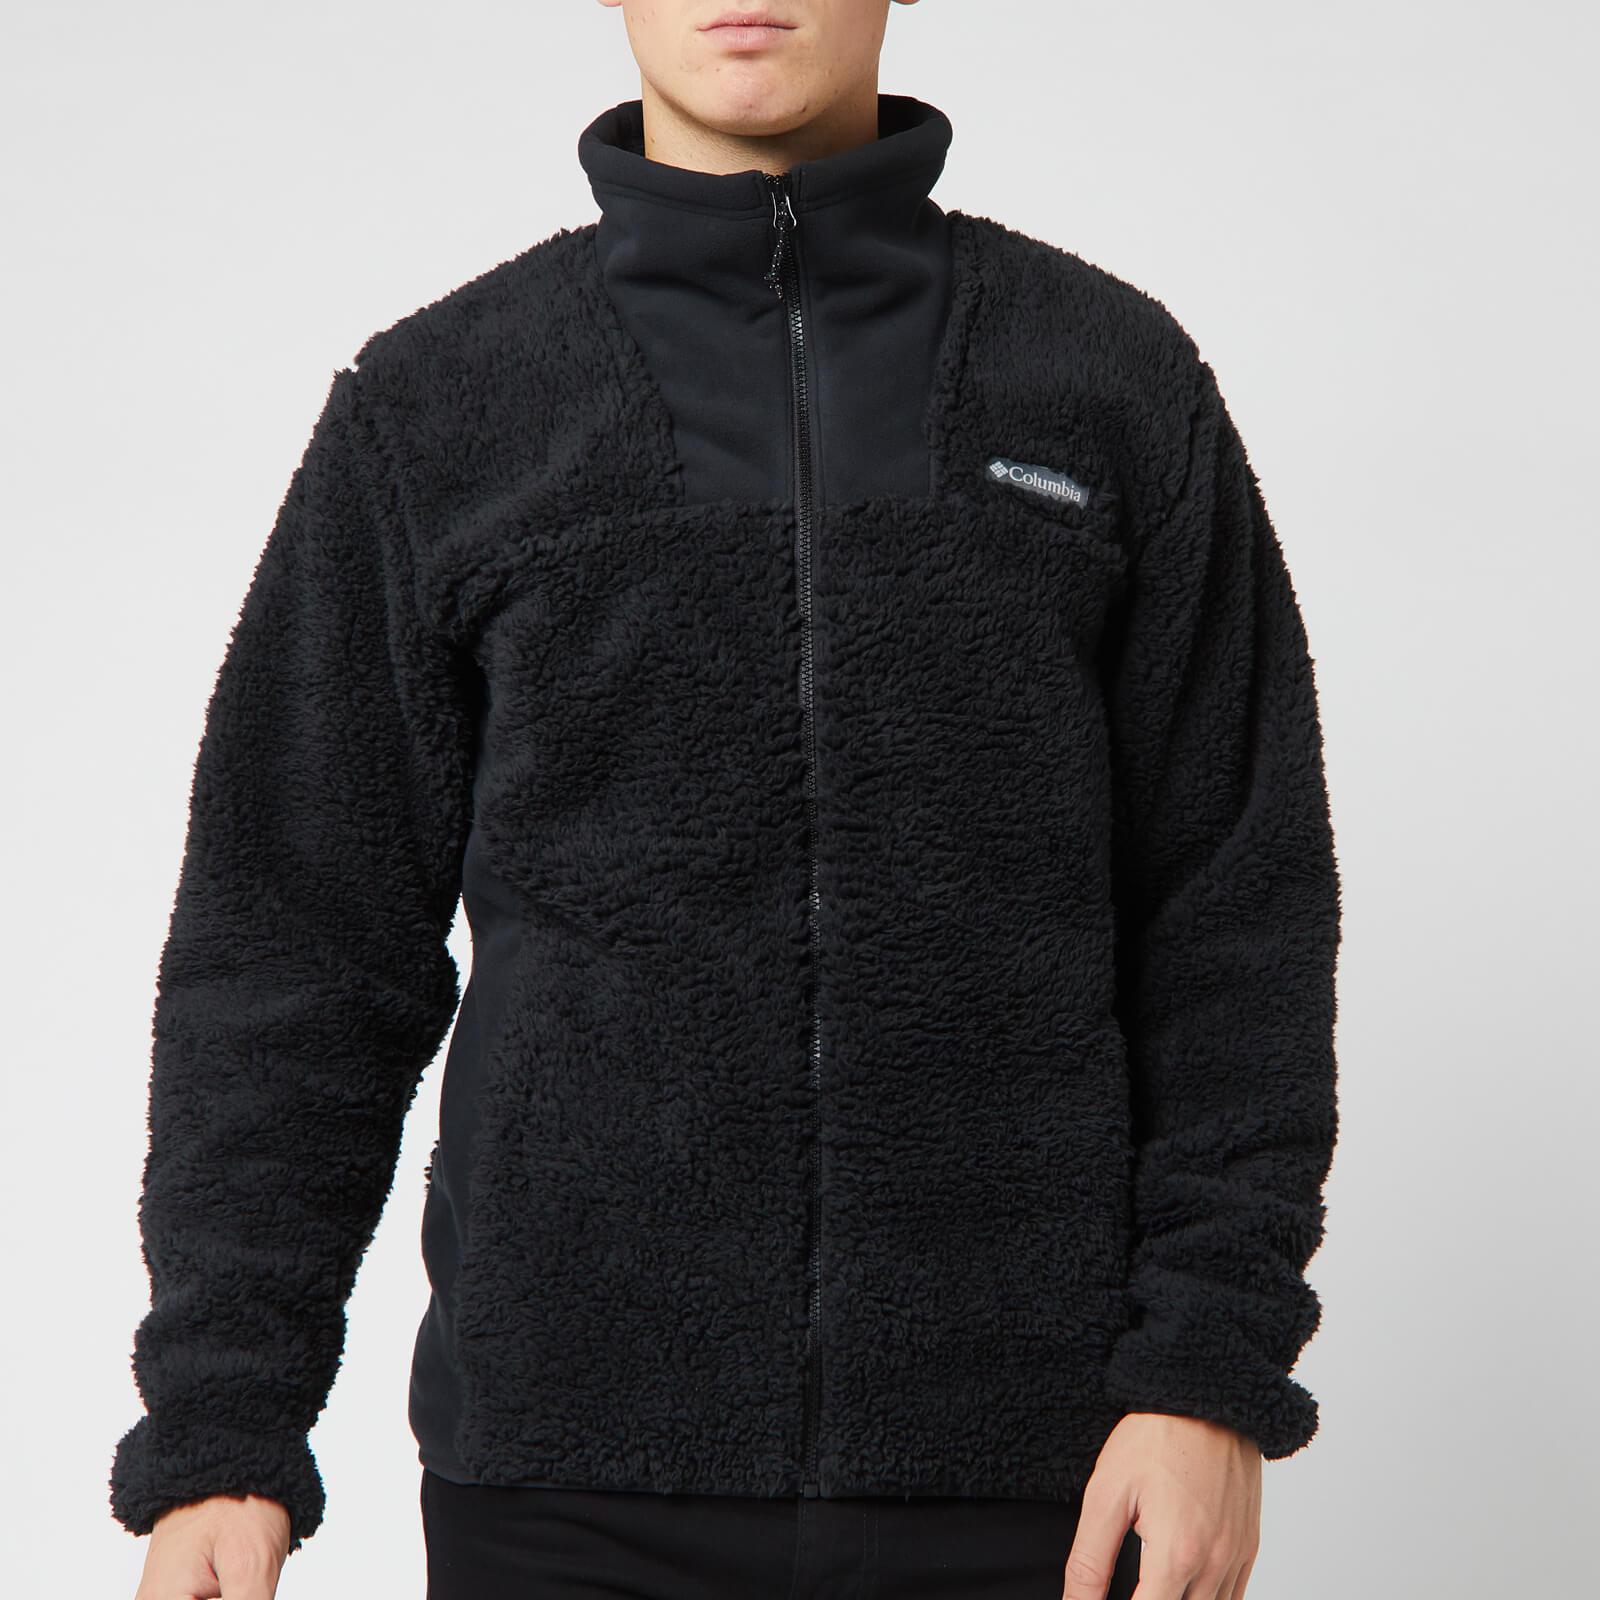 Columbia Men's Winter Pass Full Zip Fleece - Black - L